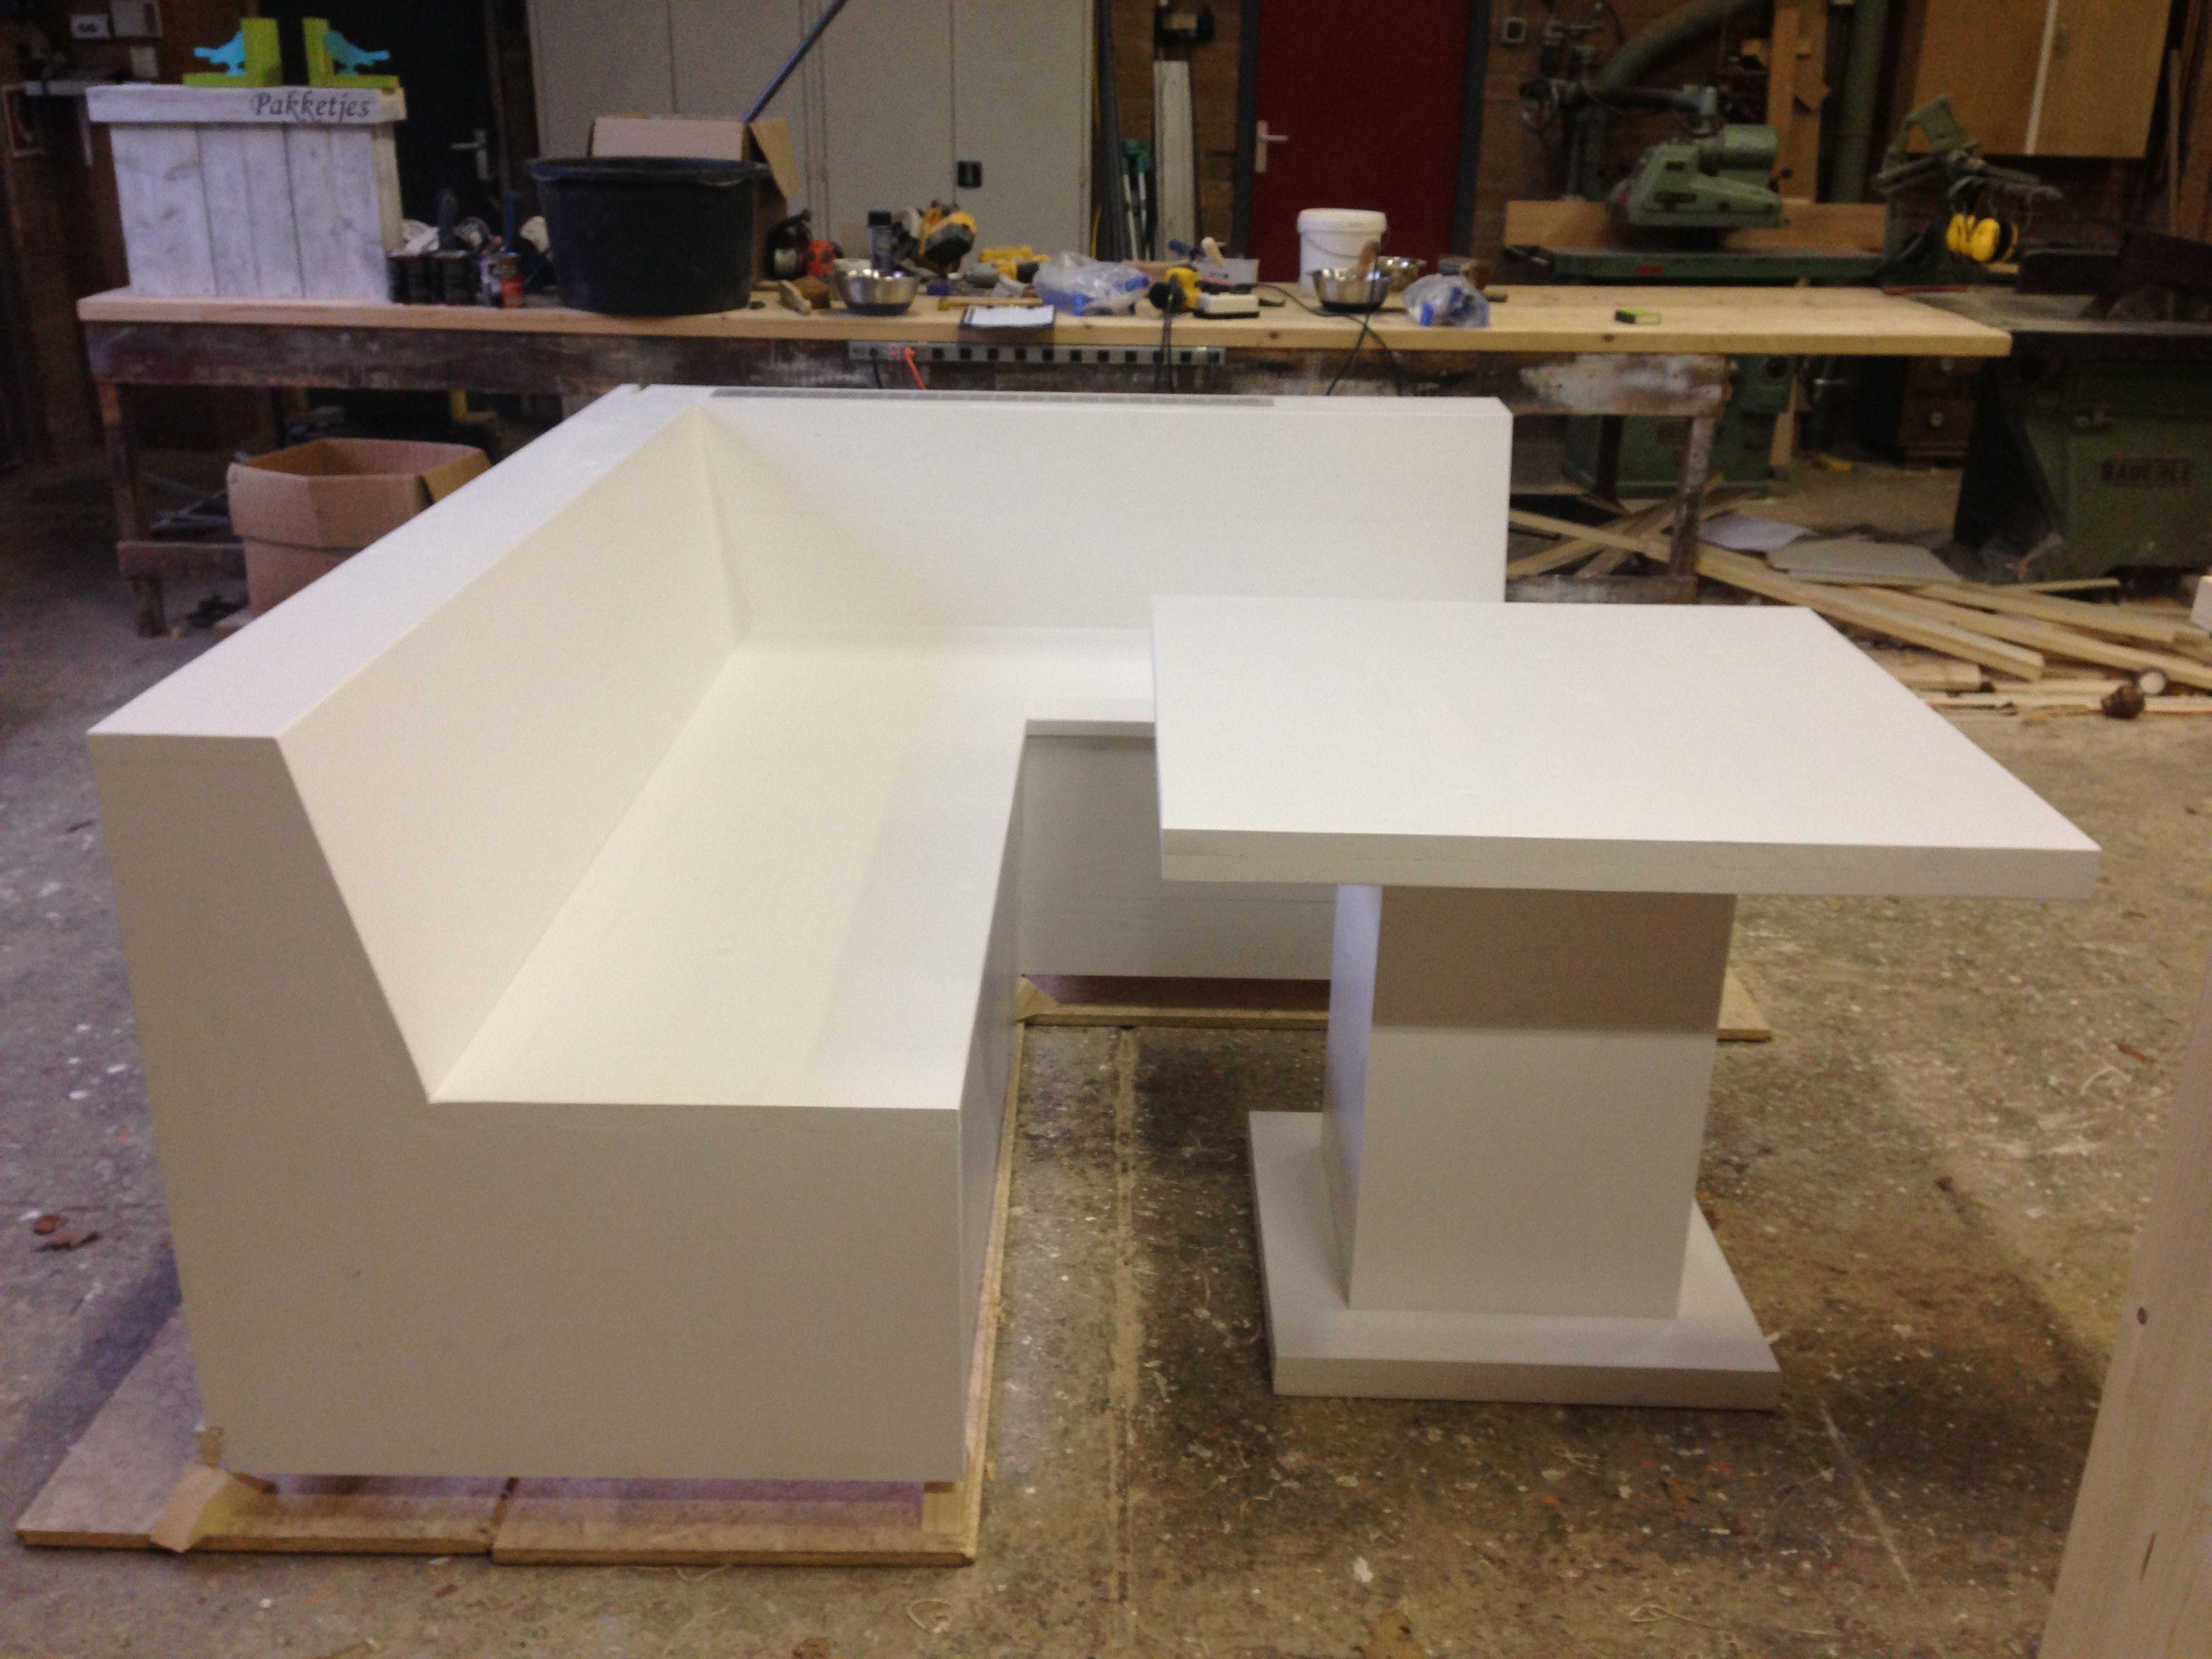 Keuken Eethoek Bank : Keuken hoekbank met tafel. Houten meubelen voor het Binnenleven XL